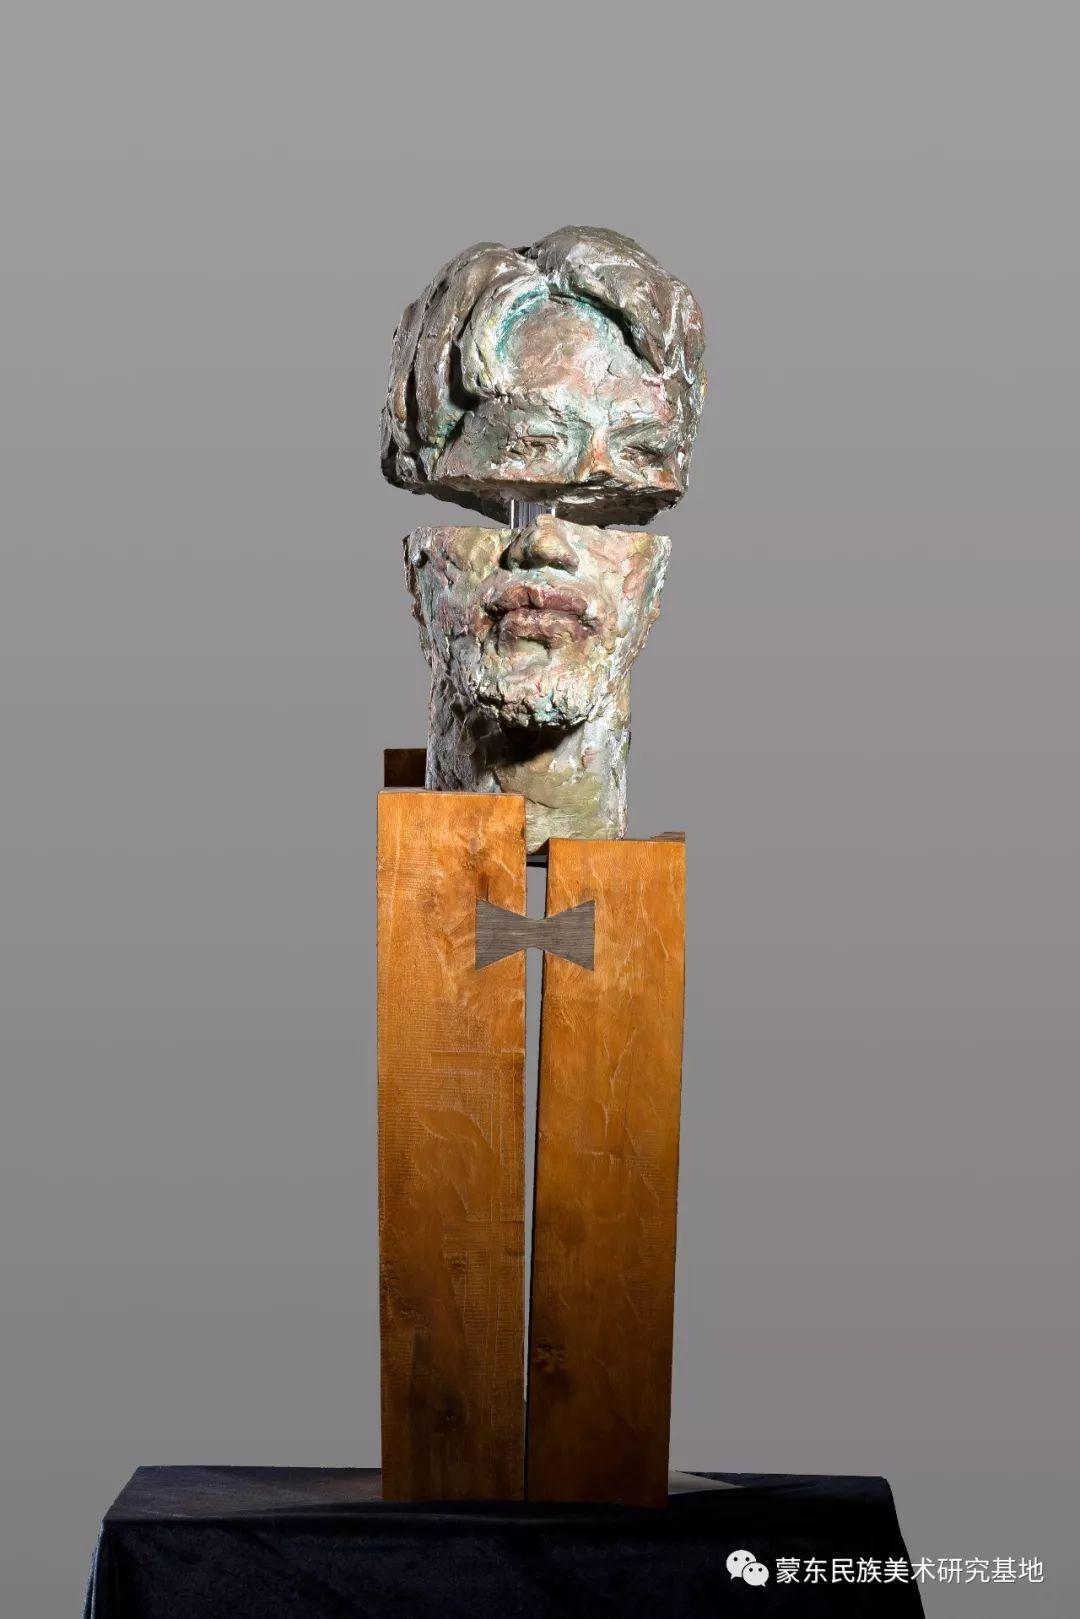 包格日乐吐作品——头像雕塑系列(一) 第7张 包格日乐吐作品——头像雕塑系列(一) 蒙古画廊